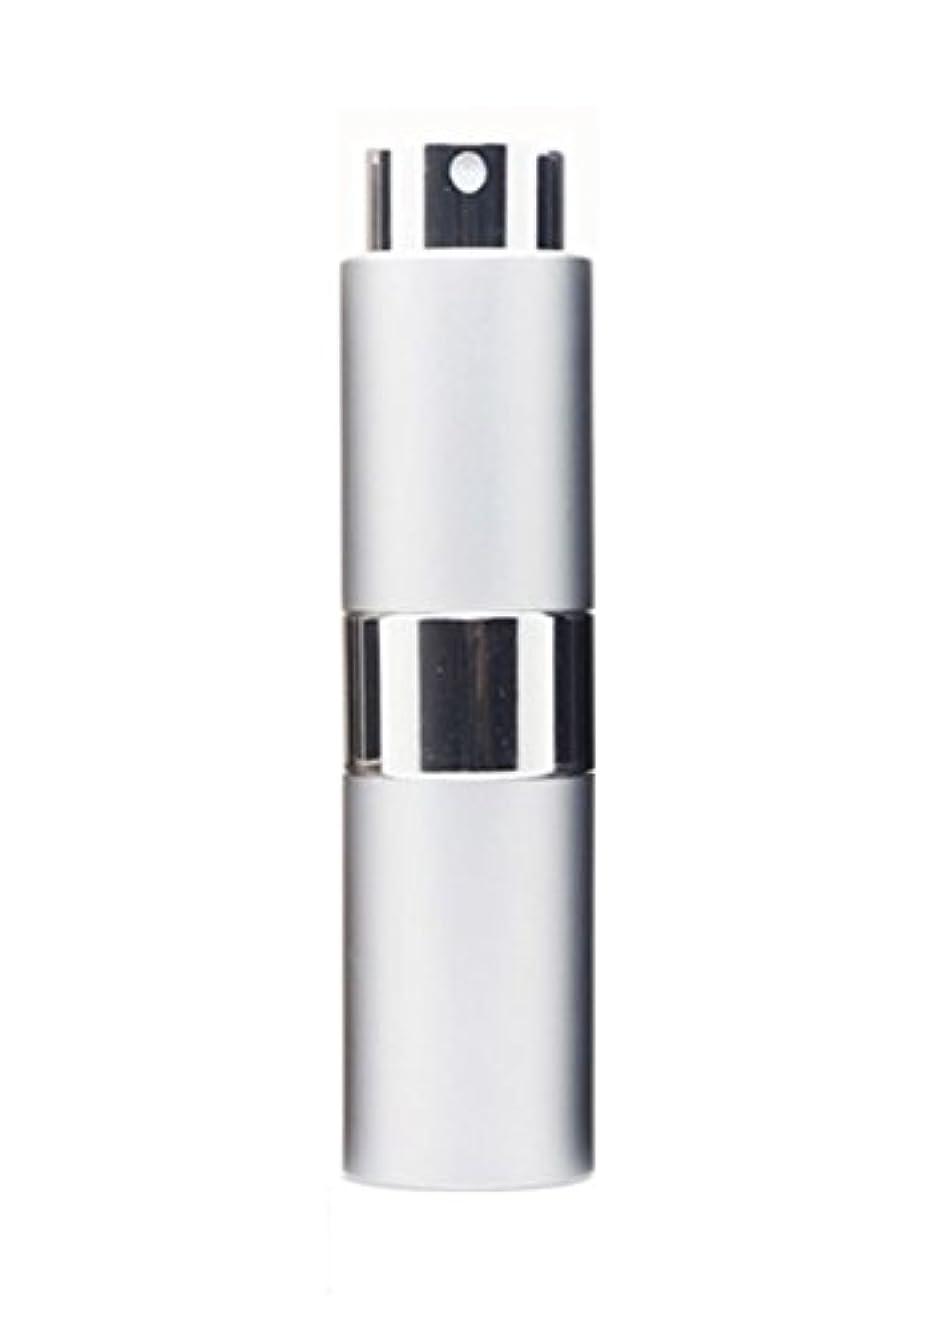 違法含む詳細なNYSh 香水 アトマイザー プッシュ式 スプレー 詰め替え 携帯 身だしなみ メンズ 15ml (シルバー)